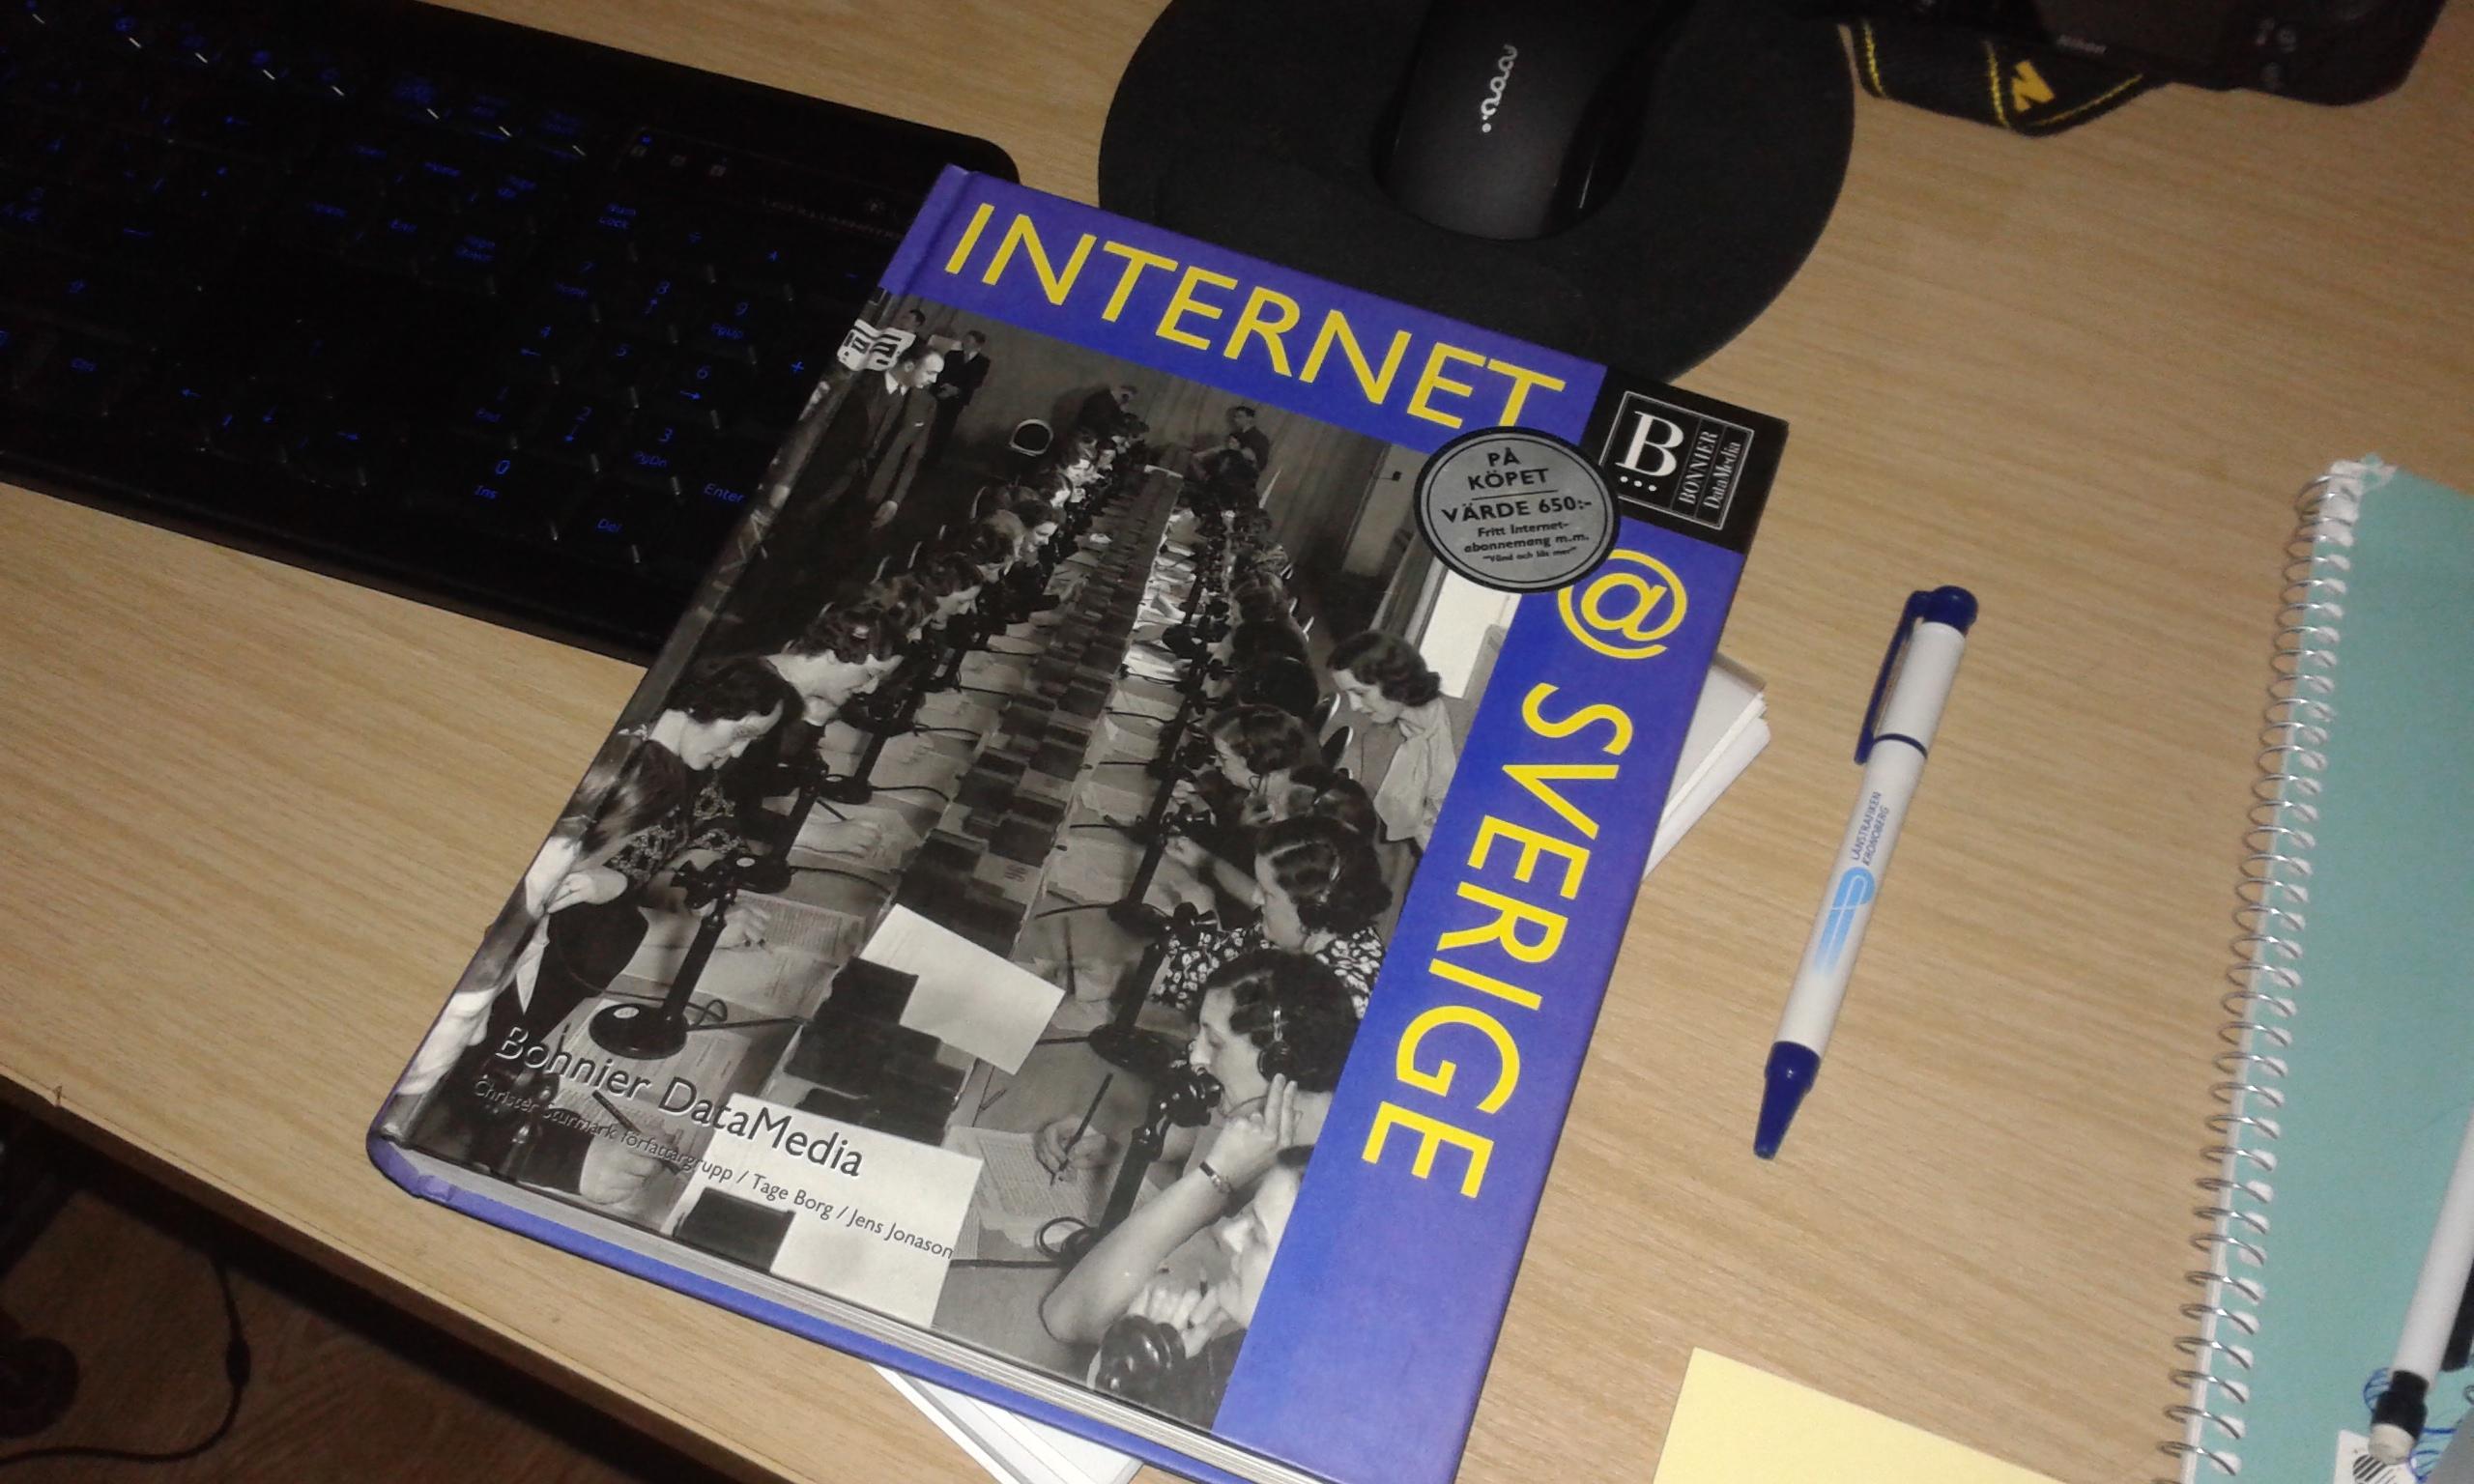 Internetnostalgi pärm till pärm